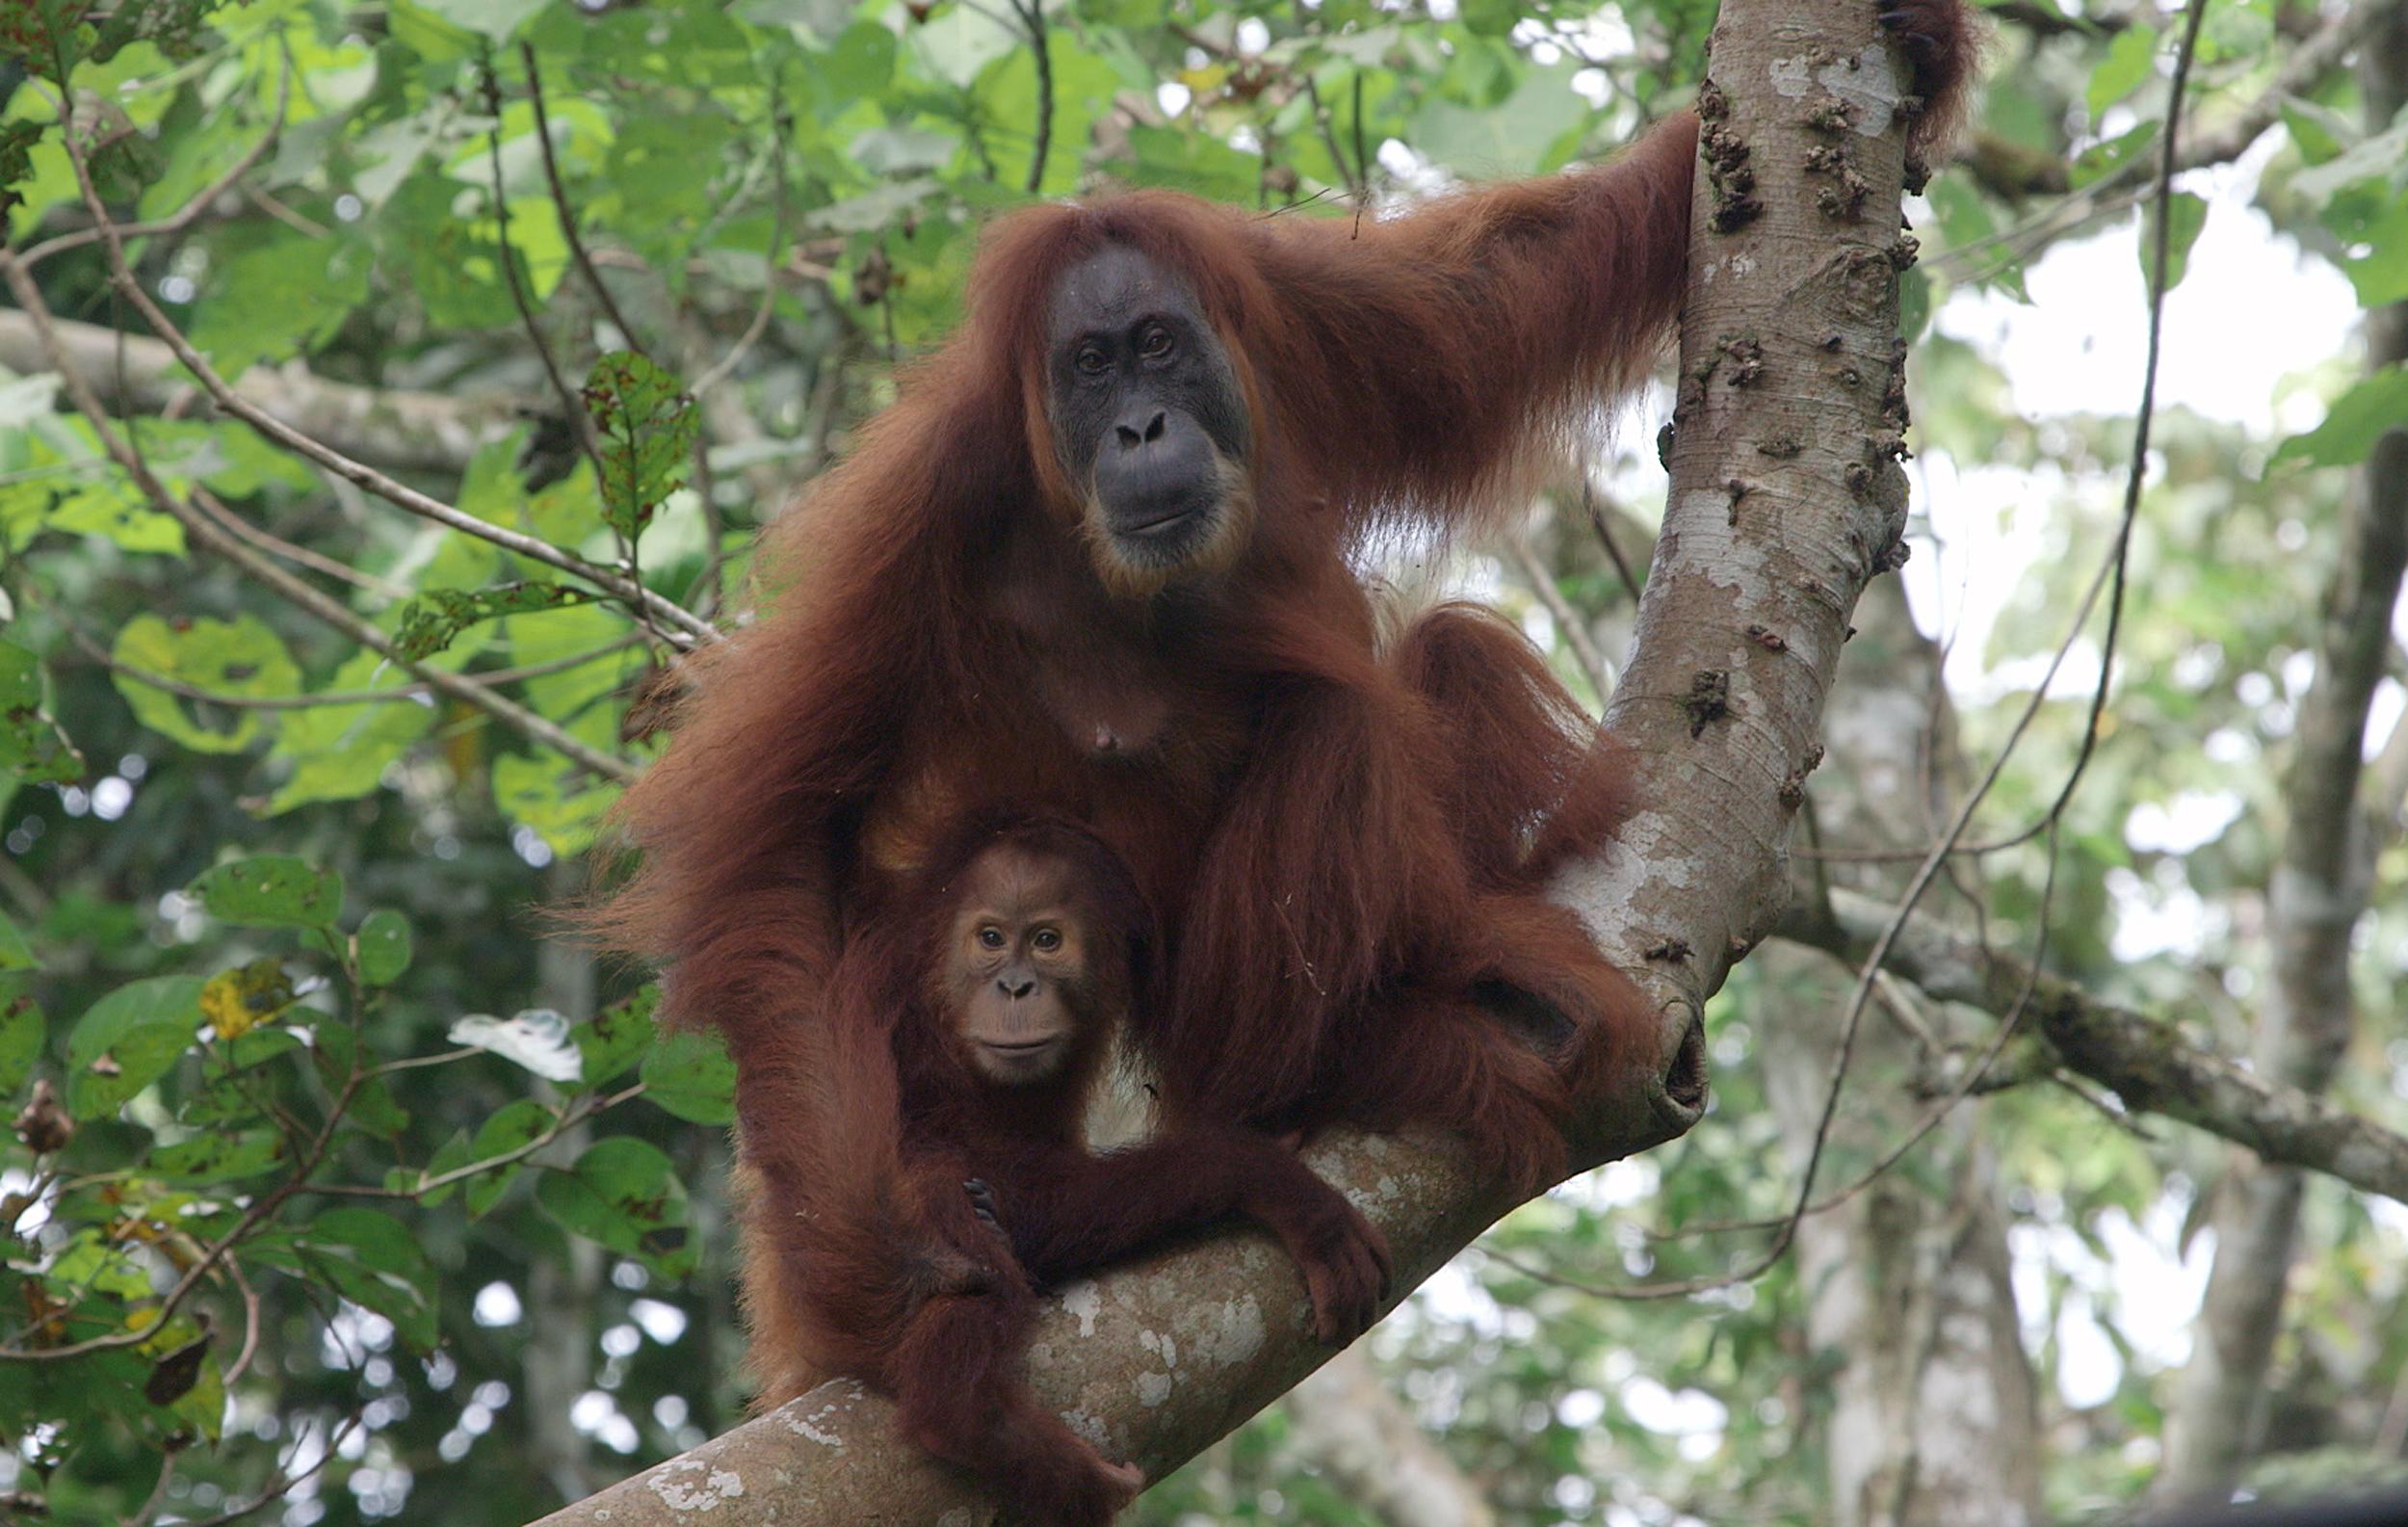 Két orangután tragikus története mutatja meg, milyen pusztításokat okoz a világ pálmaolaj-fogyasztása az őserdőkben